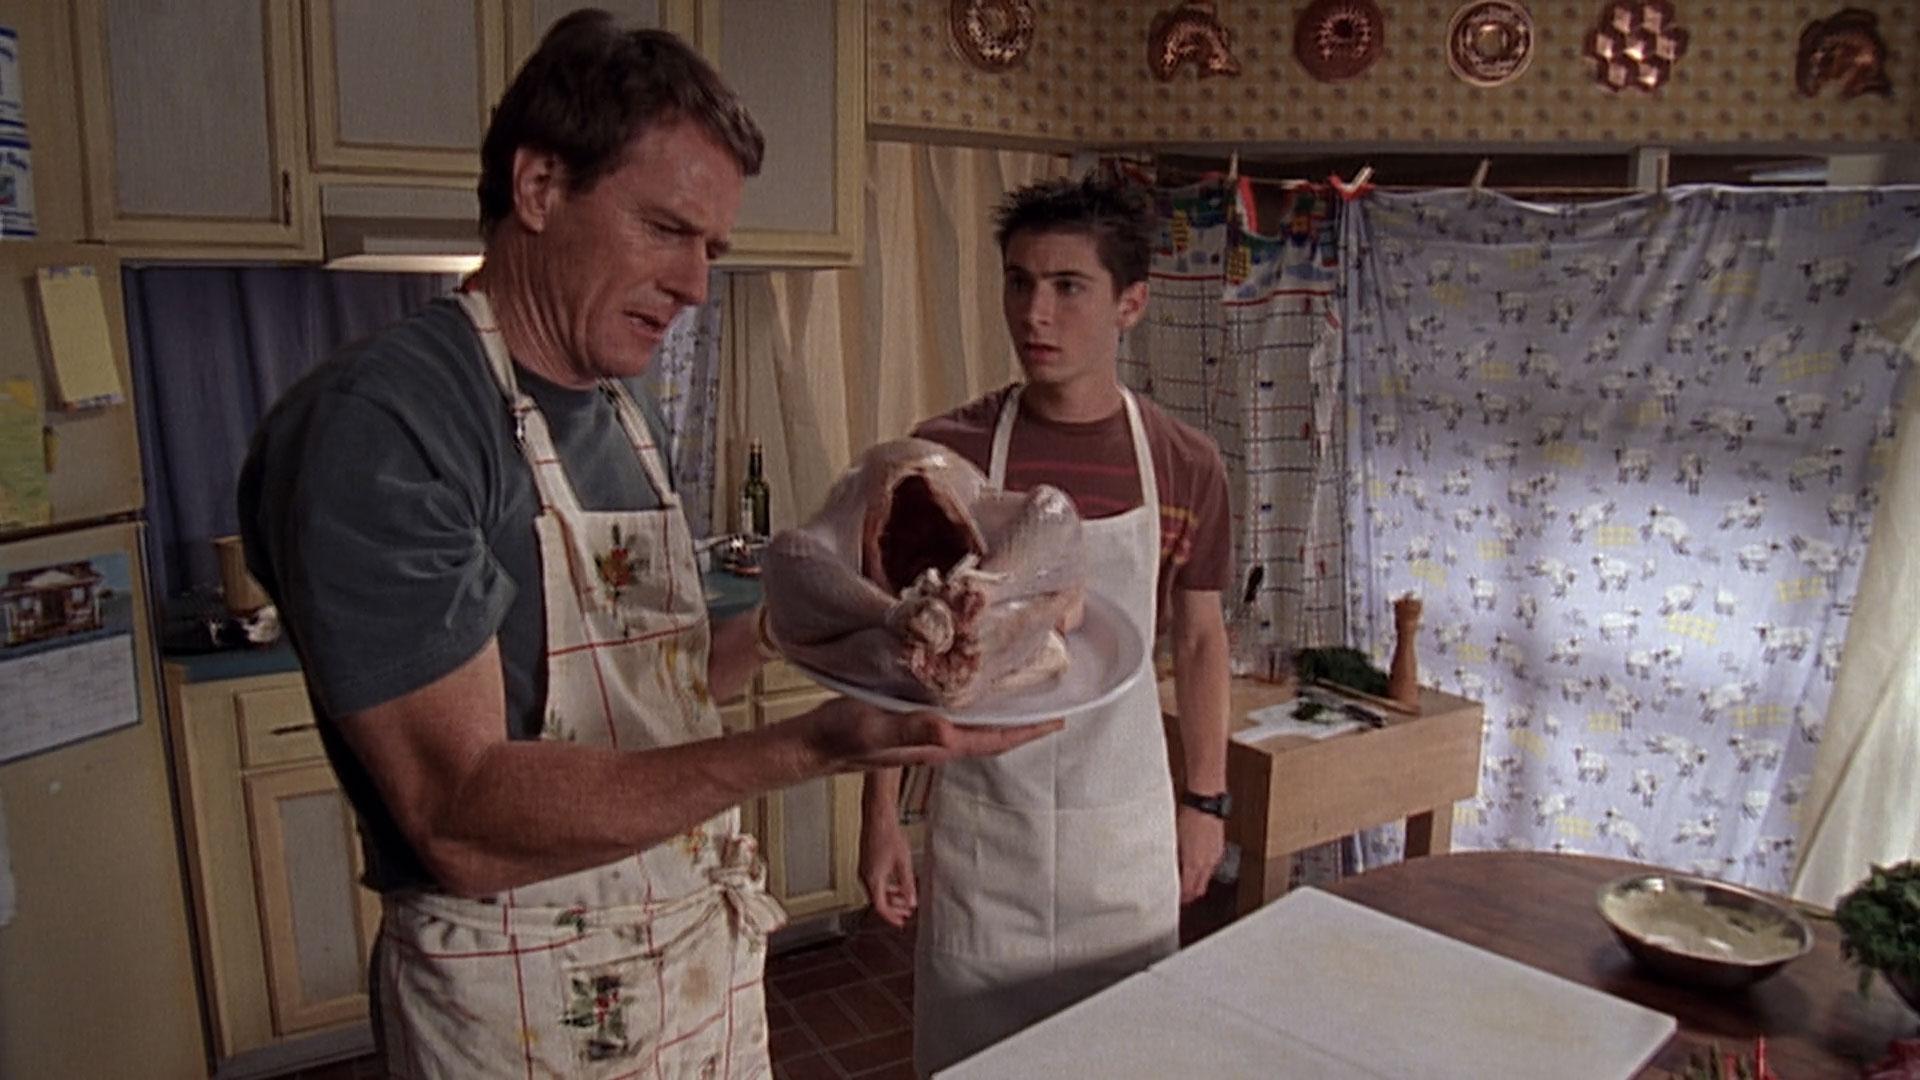 Bryan Cranston (Hal), et Justin Berfield (Reese), dans